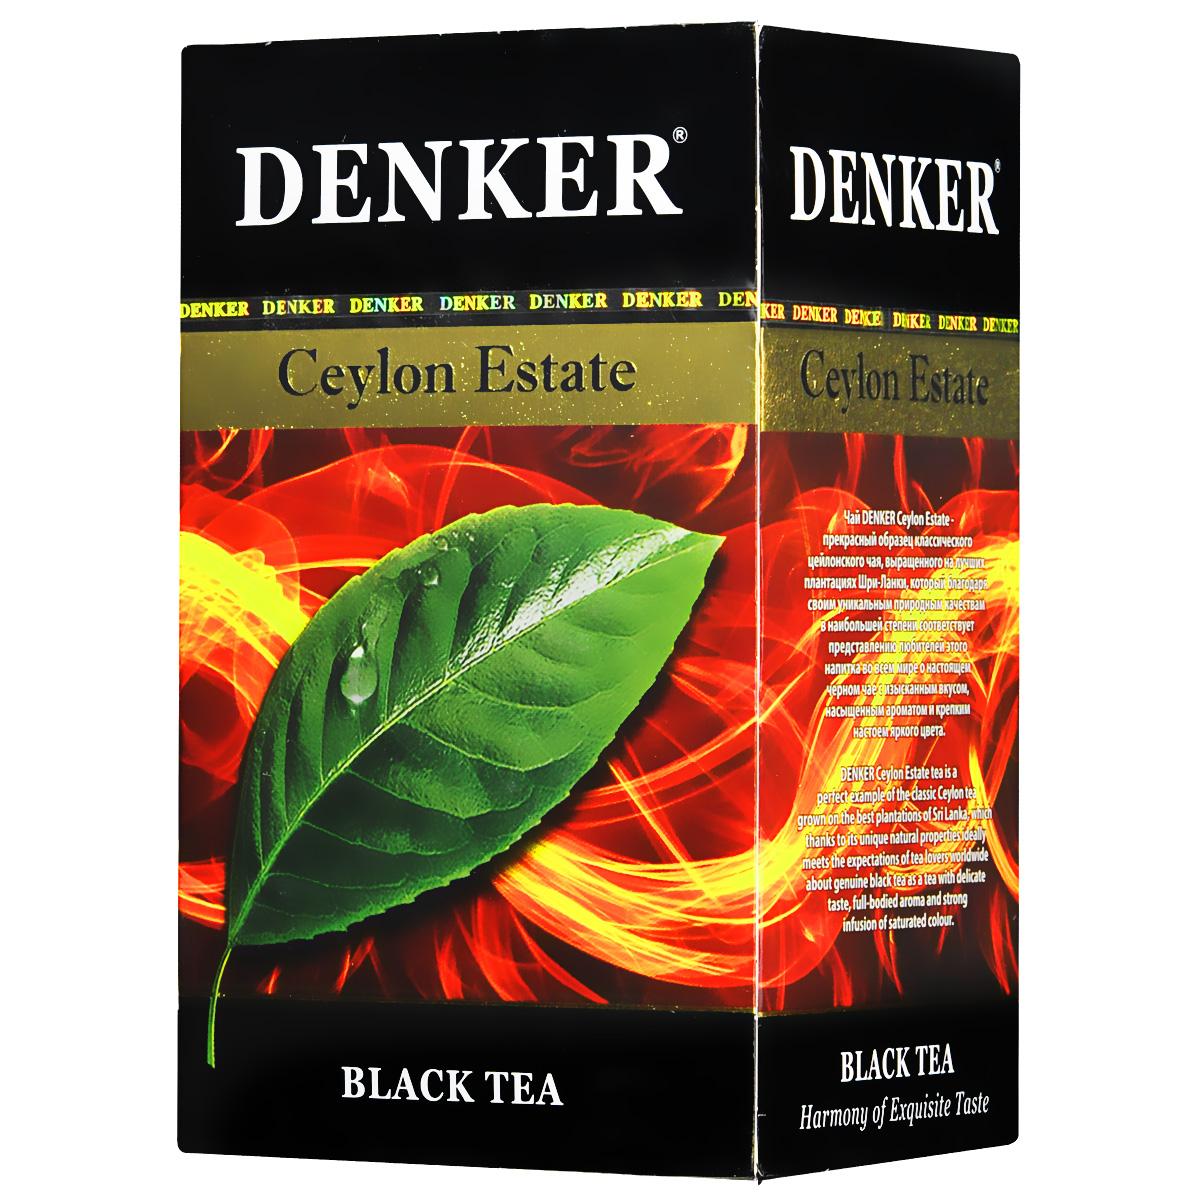 Denker Ceylon Estate черный чай в пакетиках, 20 шт0120710Denker Ceylon Estate - прекрасныйобразец классического цейлонского чая, выращенного на лучших плантациях Шри-Ланки, который благодаря своим уникальным природным качествам в наибольшей степени соответствует представлению любителей этого напитка во всем мире о настоящем черном чаес изысканным вкусом, насыщенного ароматом и крепким настоем яркого цвета.